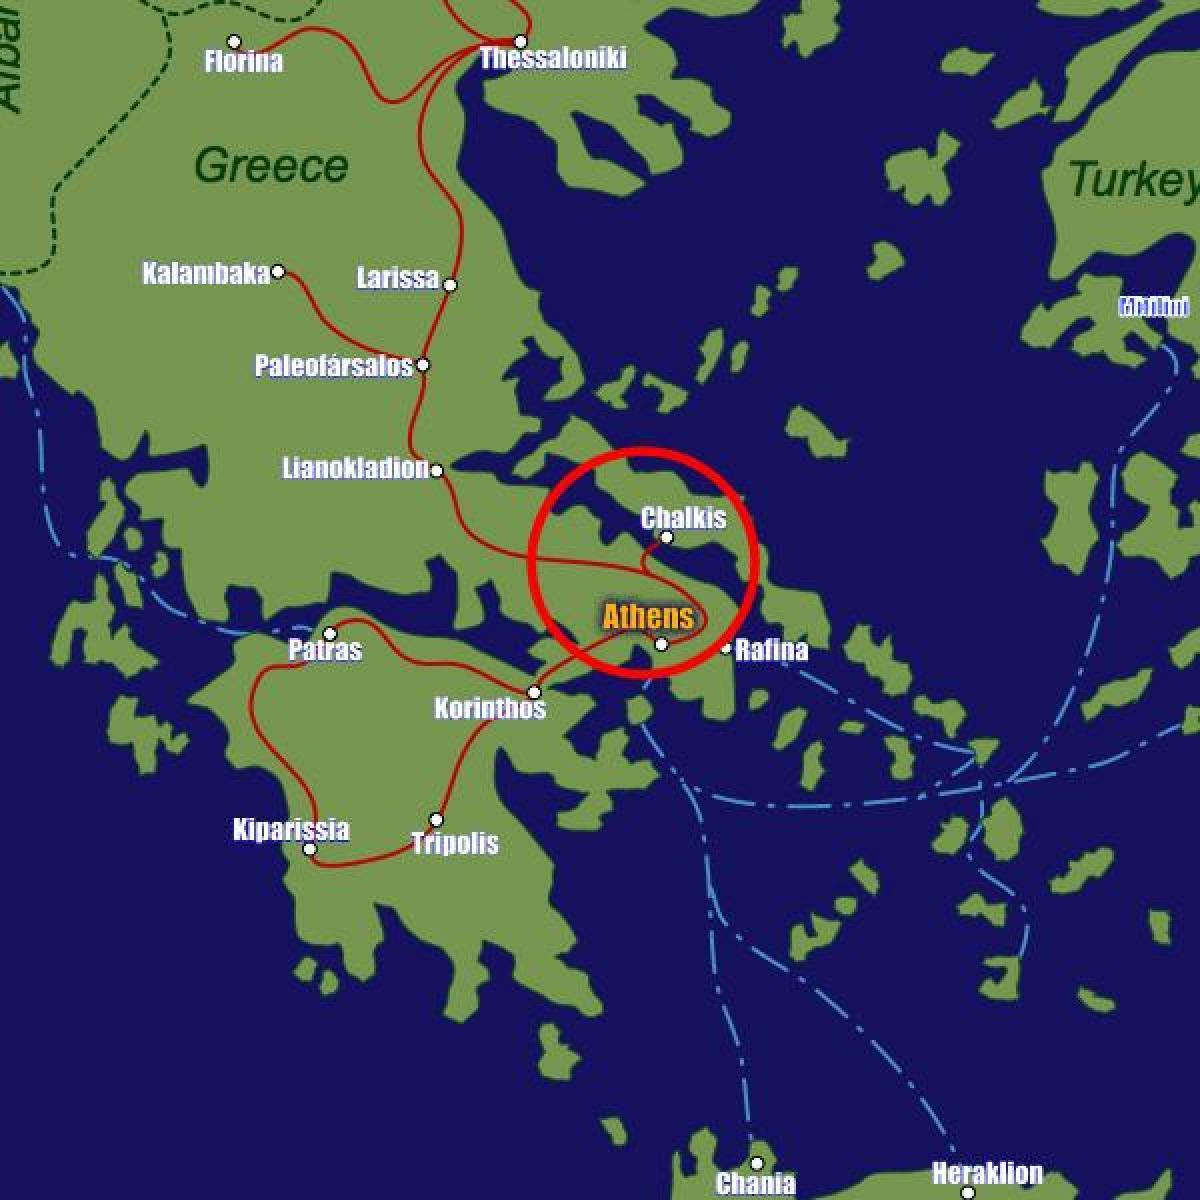 Larissa Station Ateenan Kartta Kartta Larissa Station Ateena